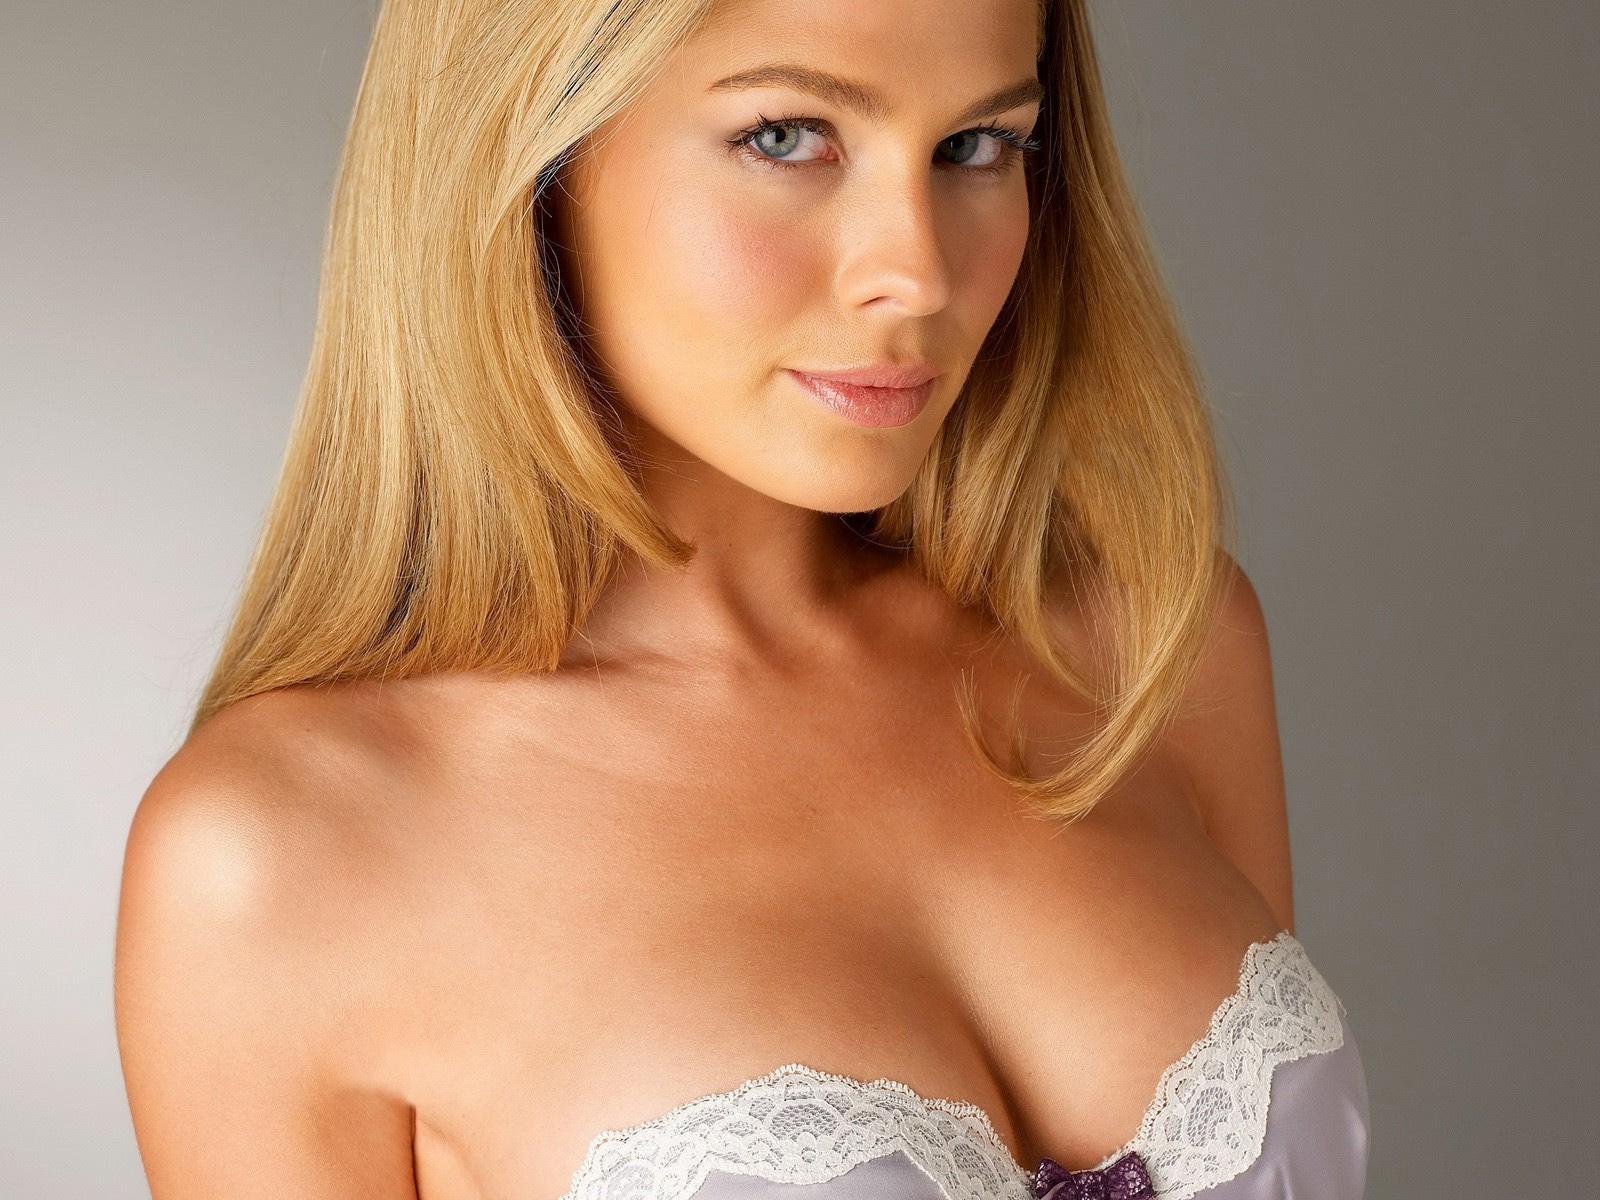 Круглая красивая грудь